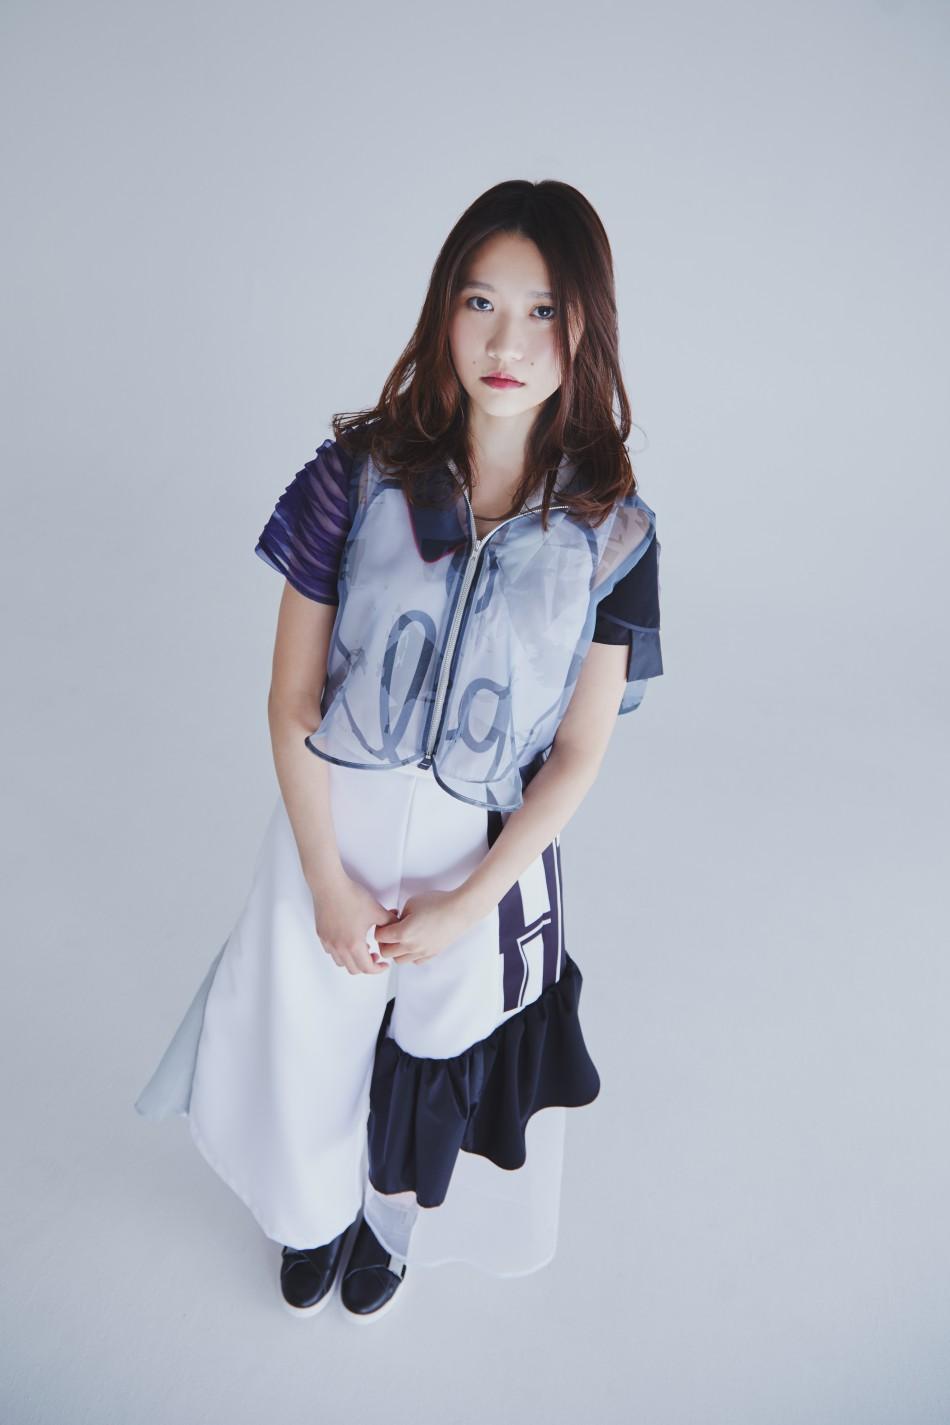 Yui_2_MBG57114_Re